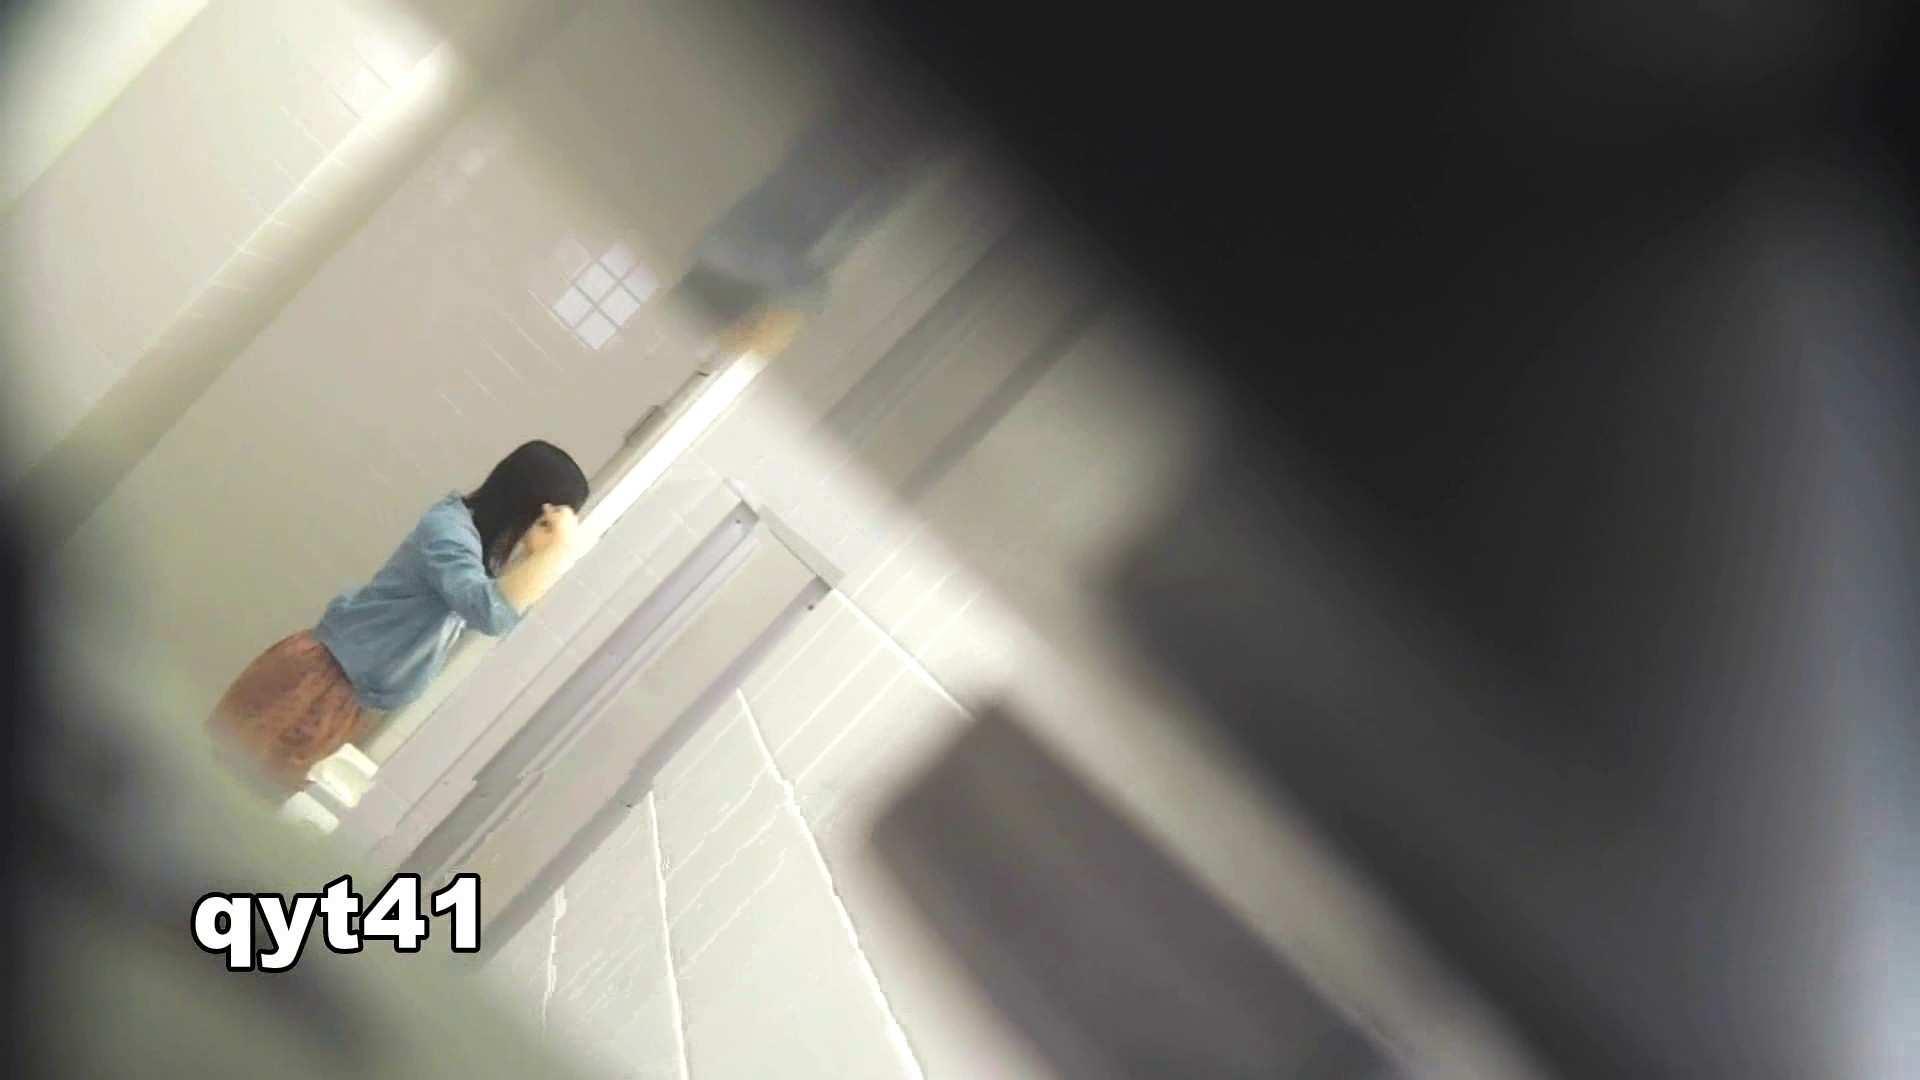 無料アダルト動画:お銀さんの「洗面所突入レポート!!」 vol.41 ジャジャ漏れ:怪盗ジョーカー